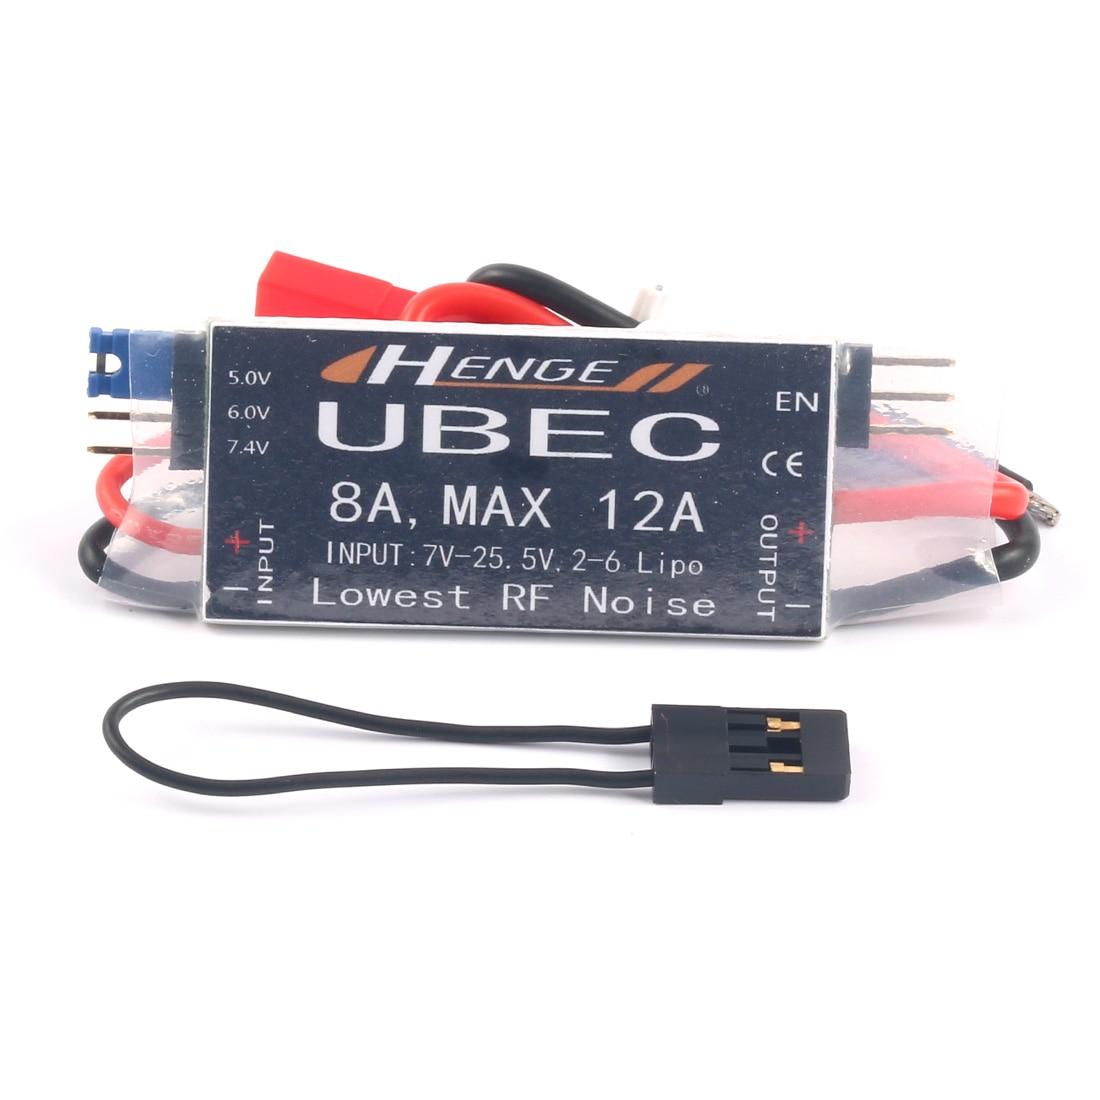 HENGE 8A UBEC salida 5 V/6 V 6A/8A Max 12A Inport 7 V-25,5 V 2-6 s Lipo/6-16 Ni-Mh entrada modo BEC para RC helicóptero